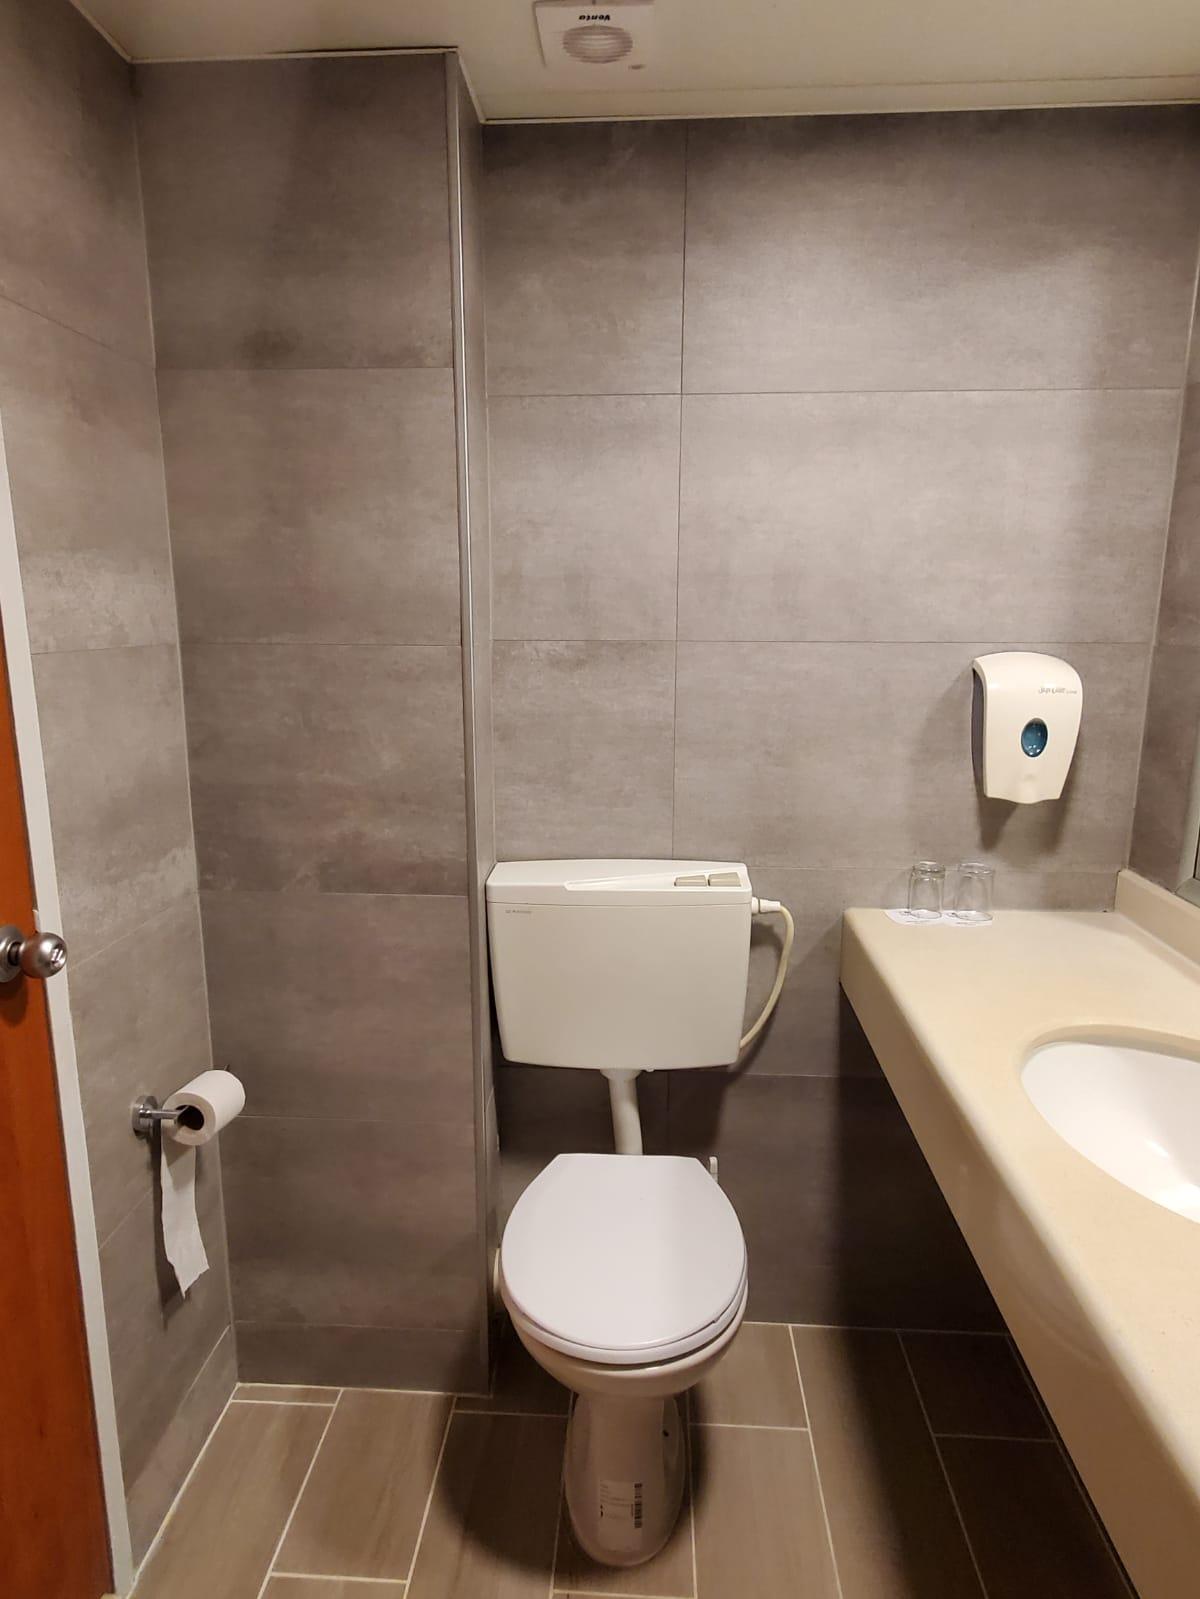 חיפויים לשירותים